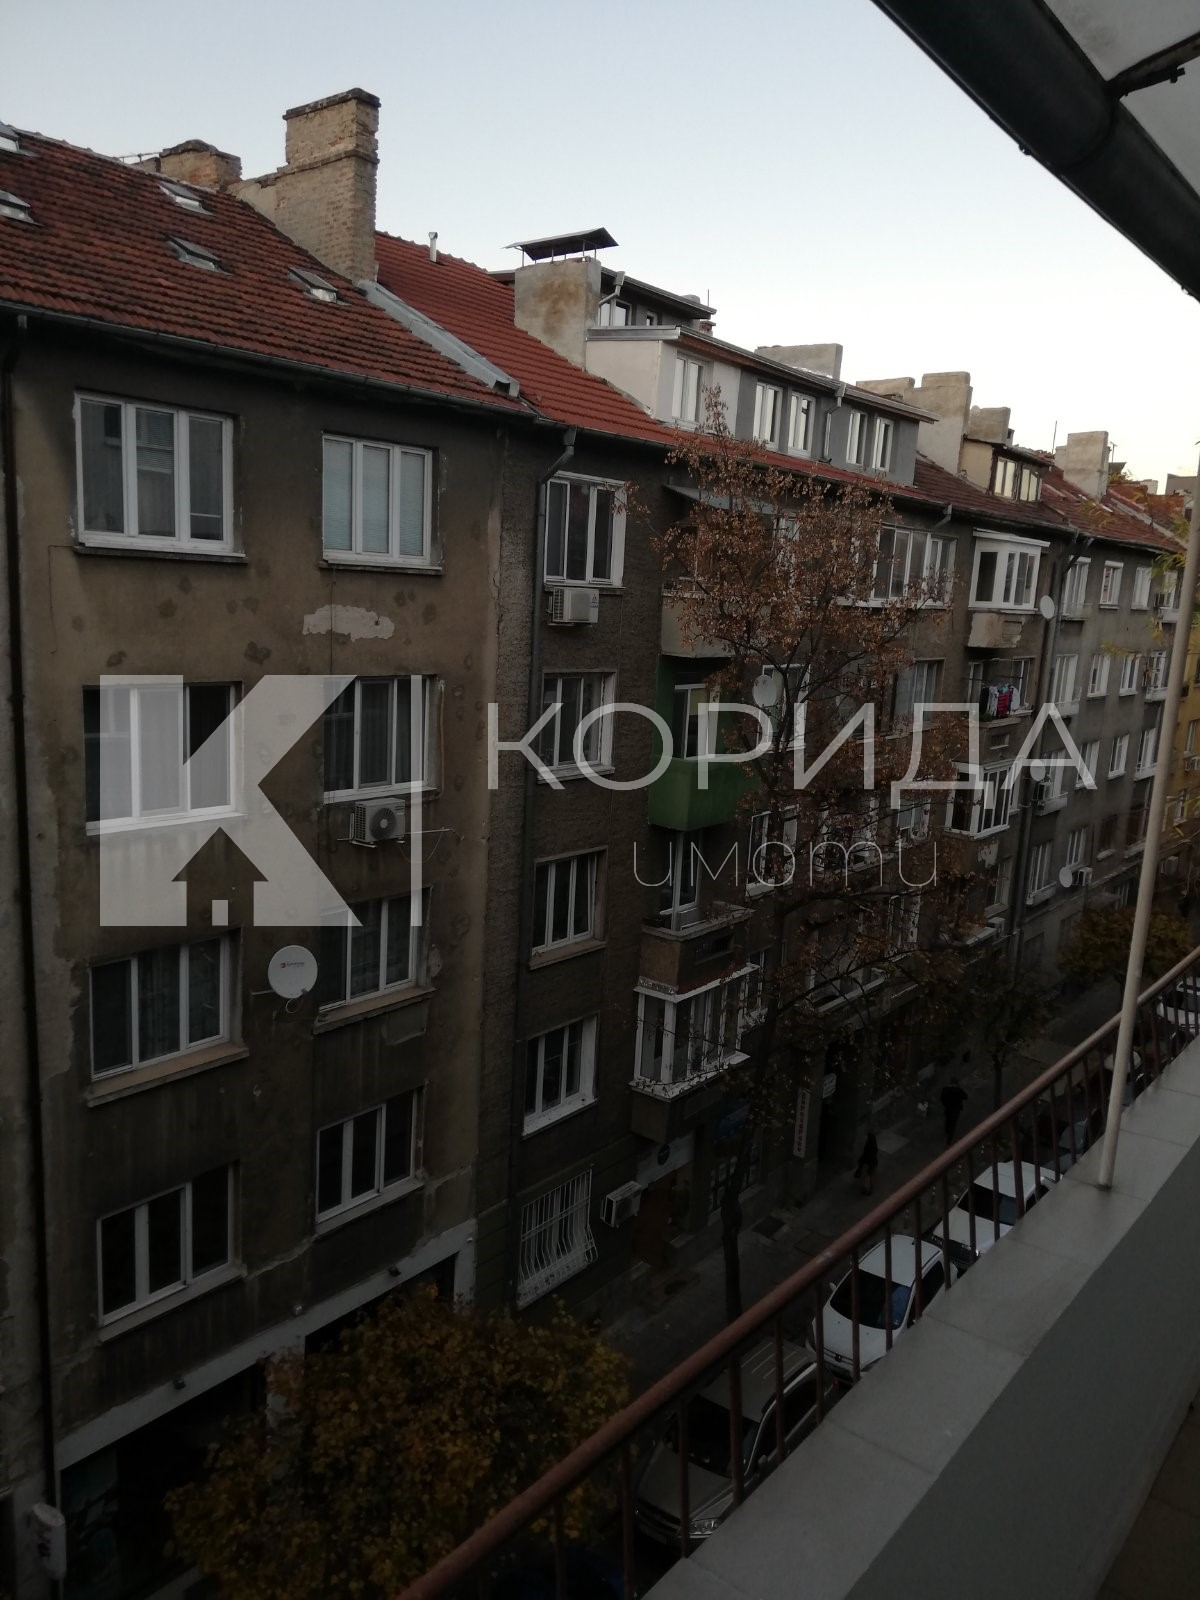 3-стаен апартамент до пл. Руски паметник